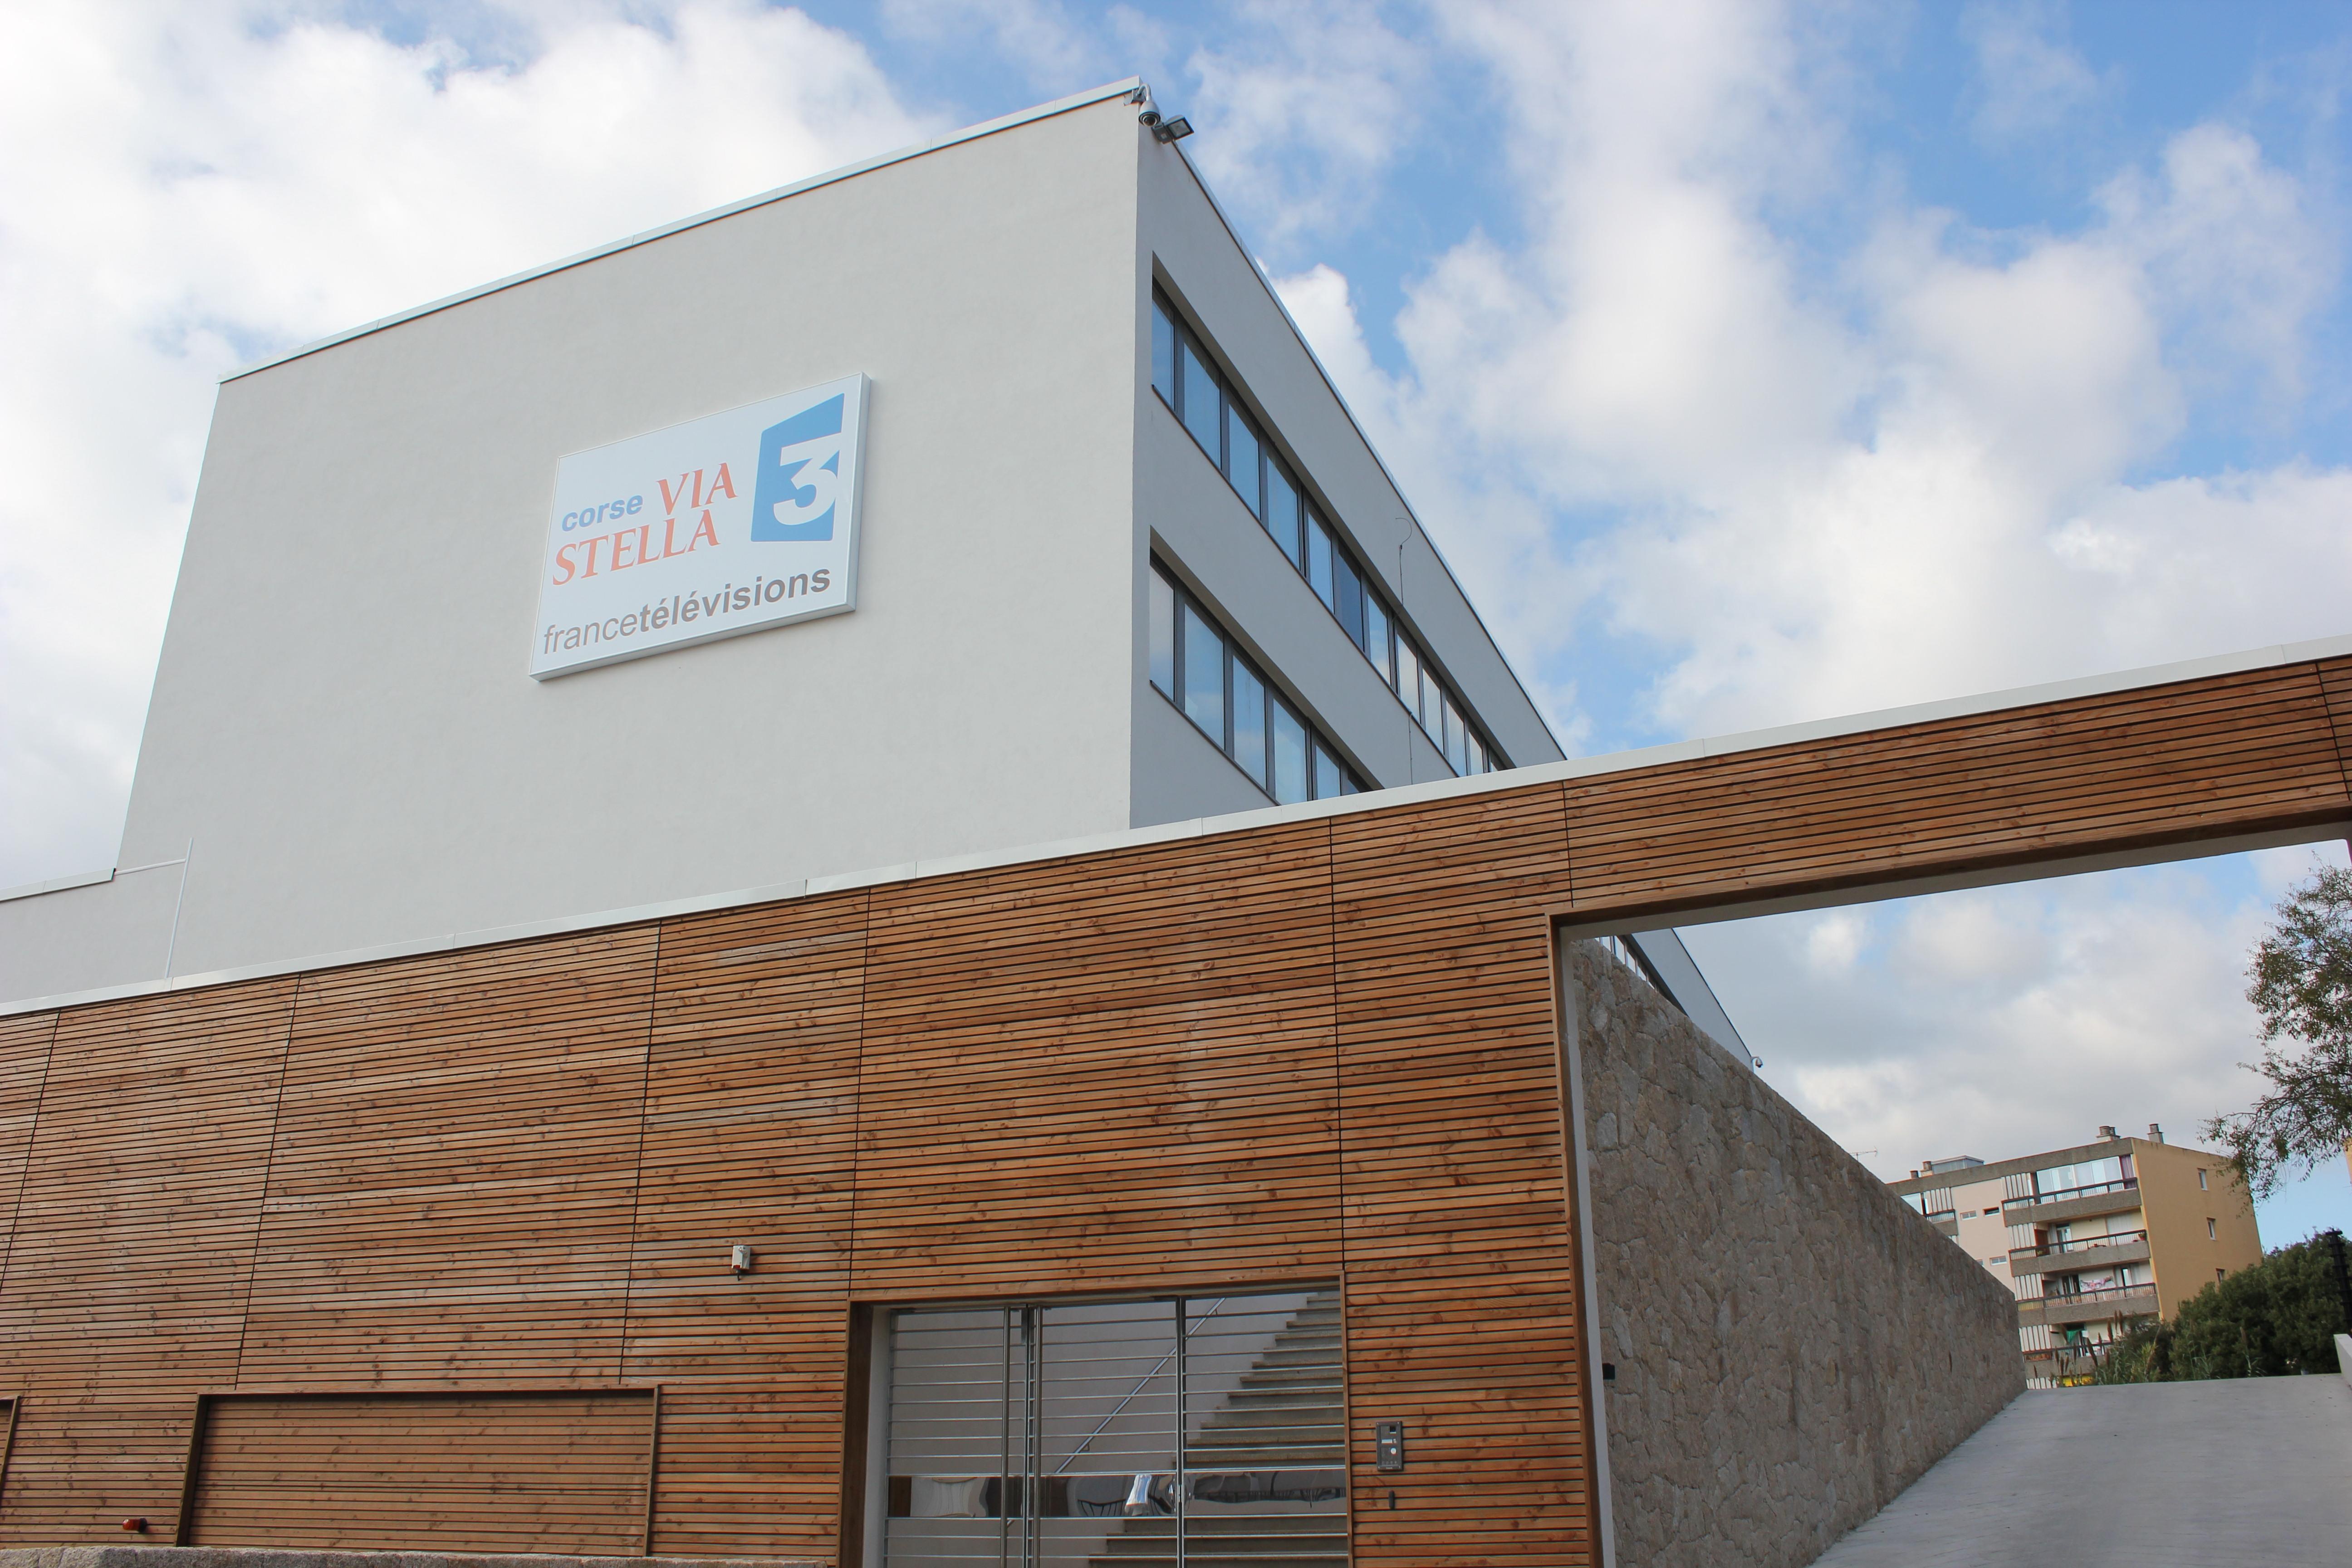 France 3 Corse  Via Stella investit ses nouveaux locaux